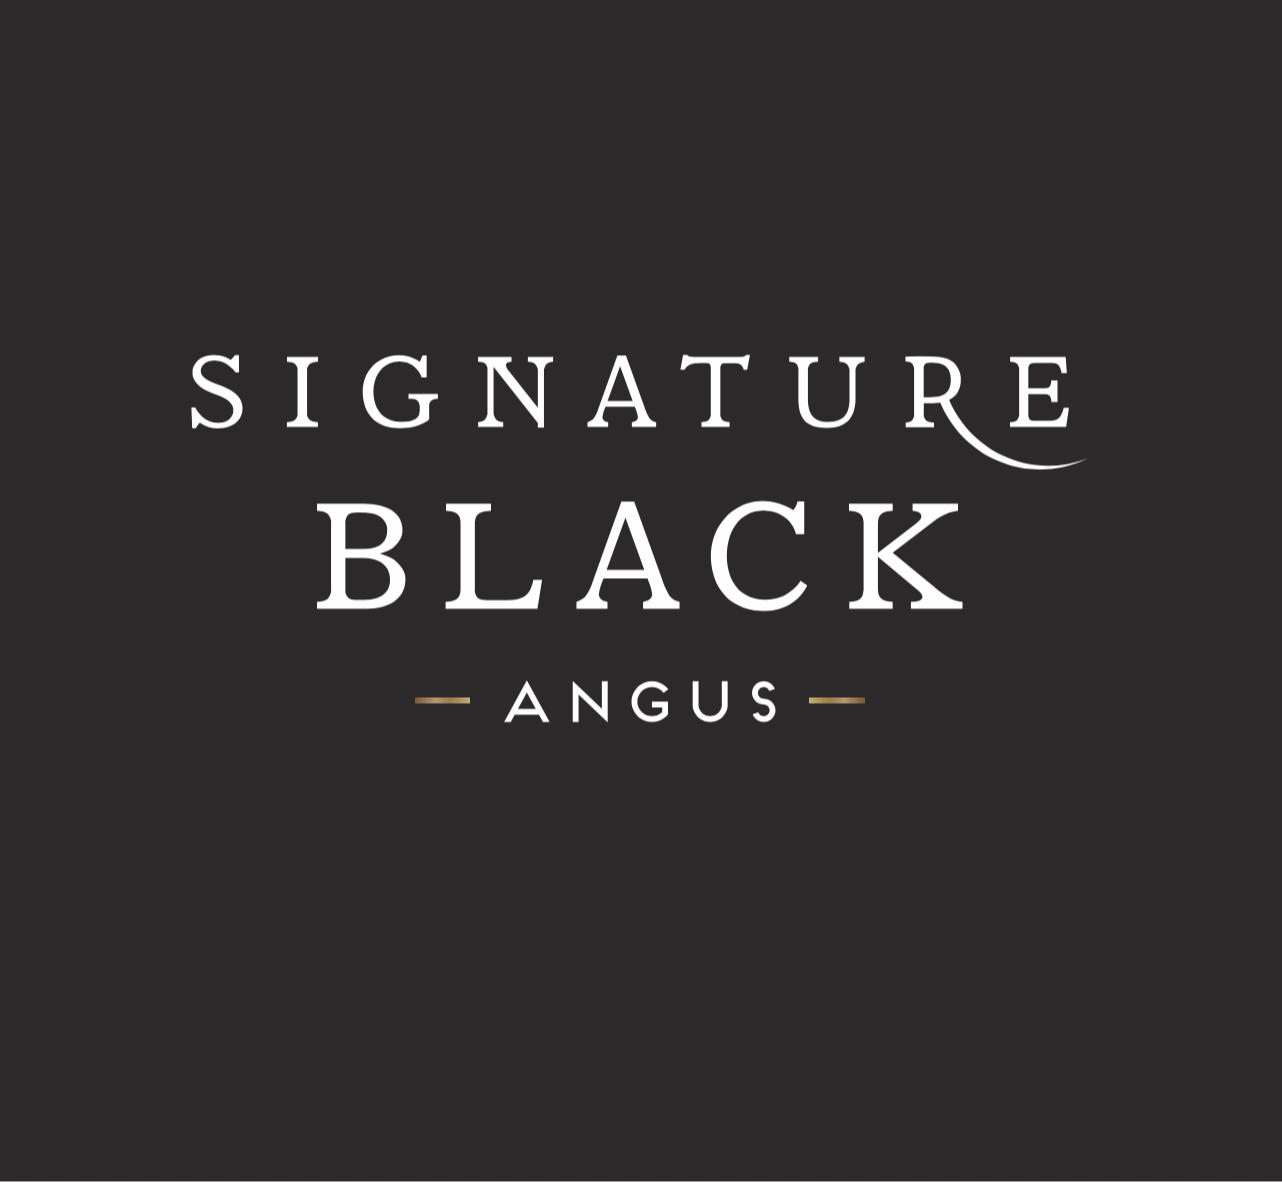 Signature Black Angus